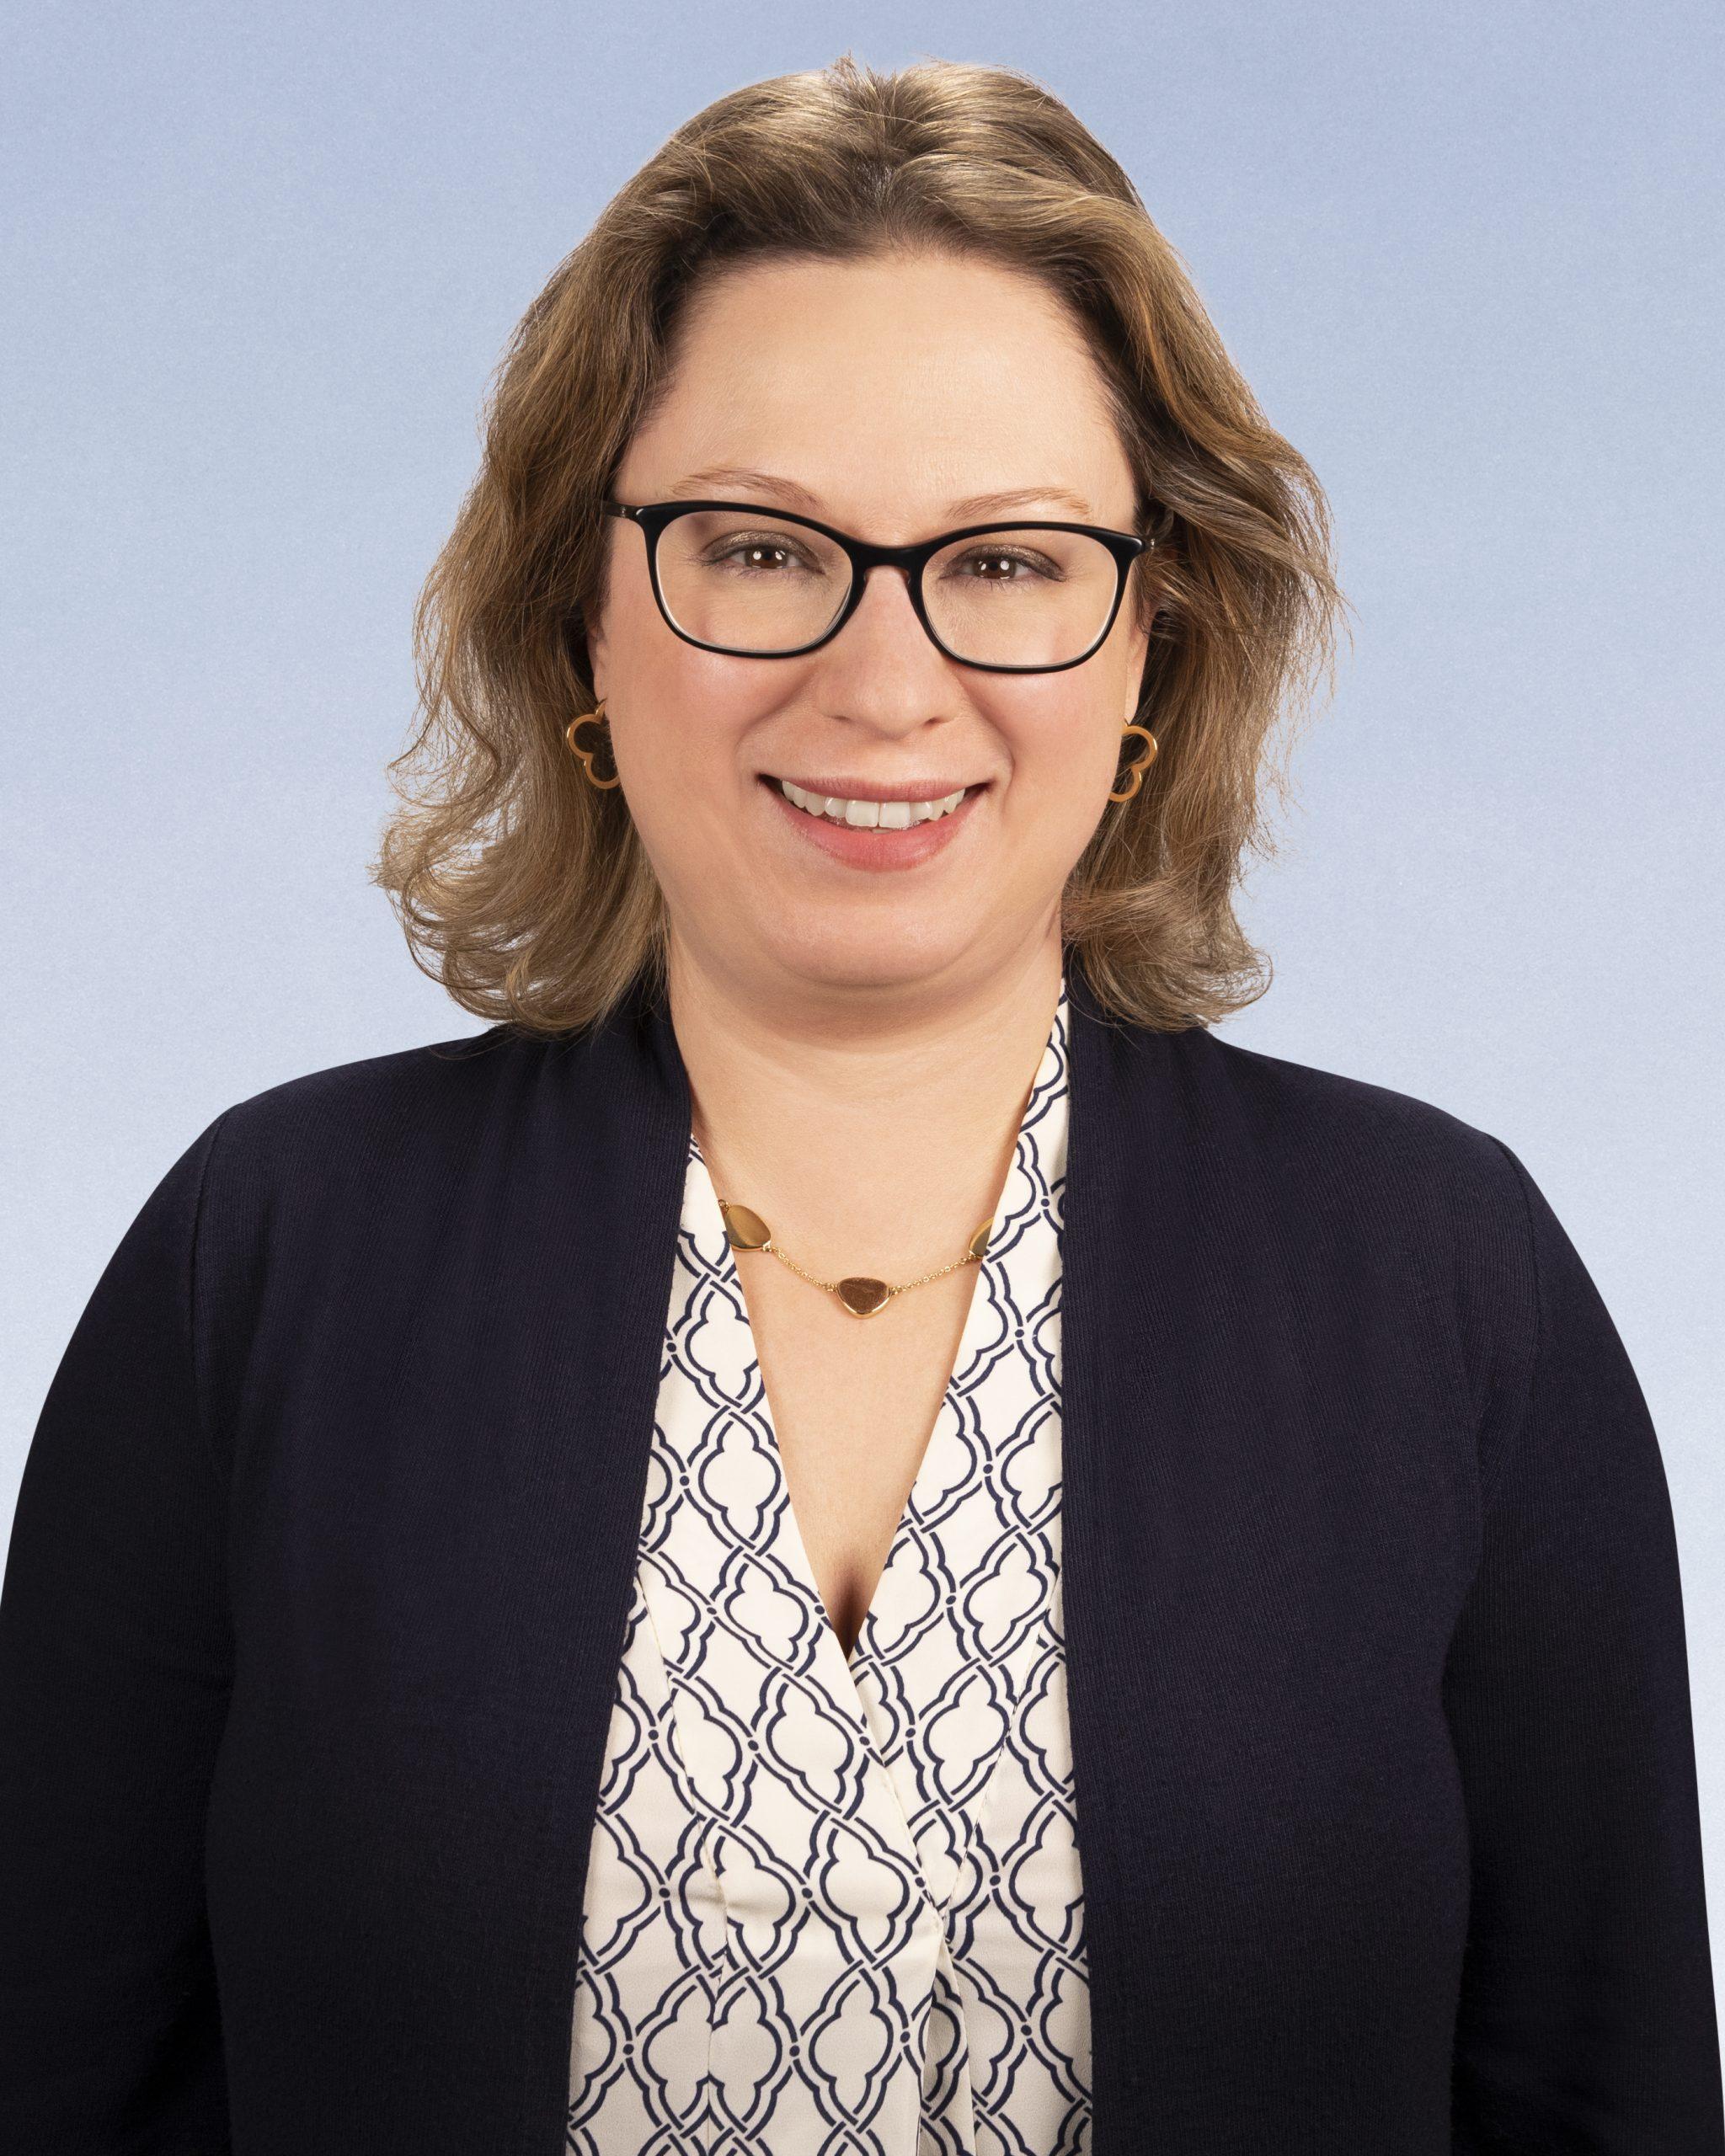 Amy C. O'Hara